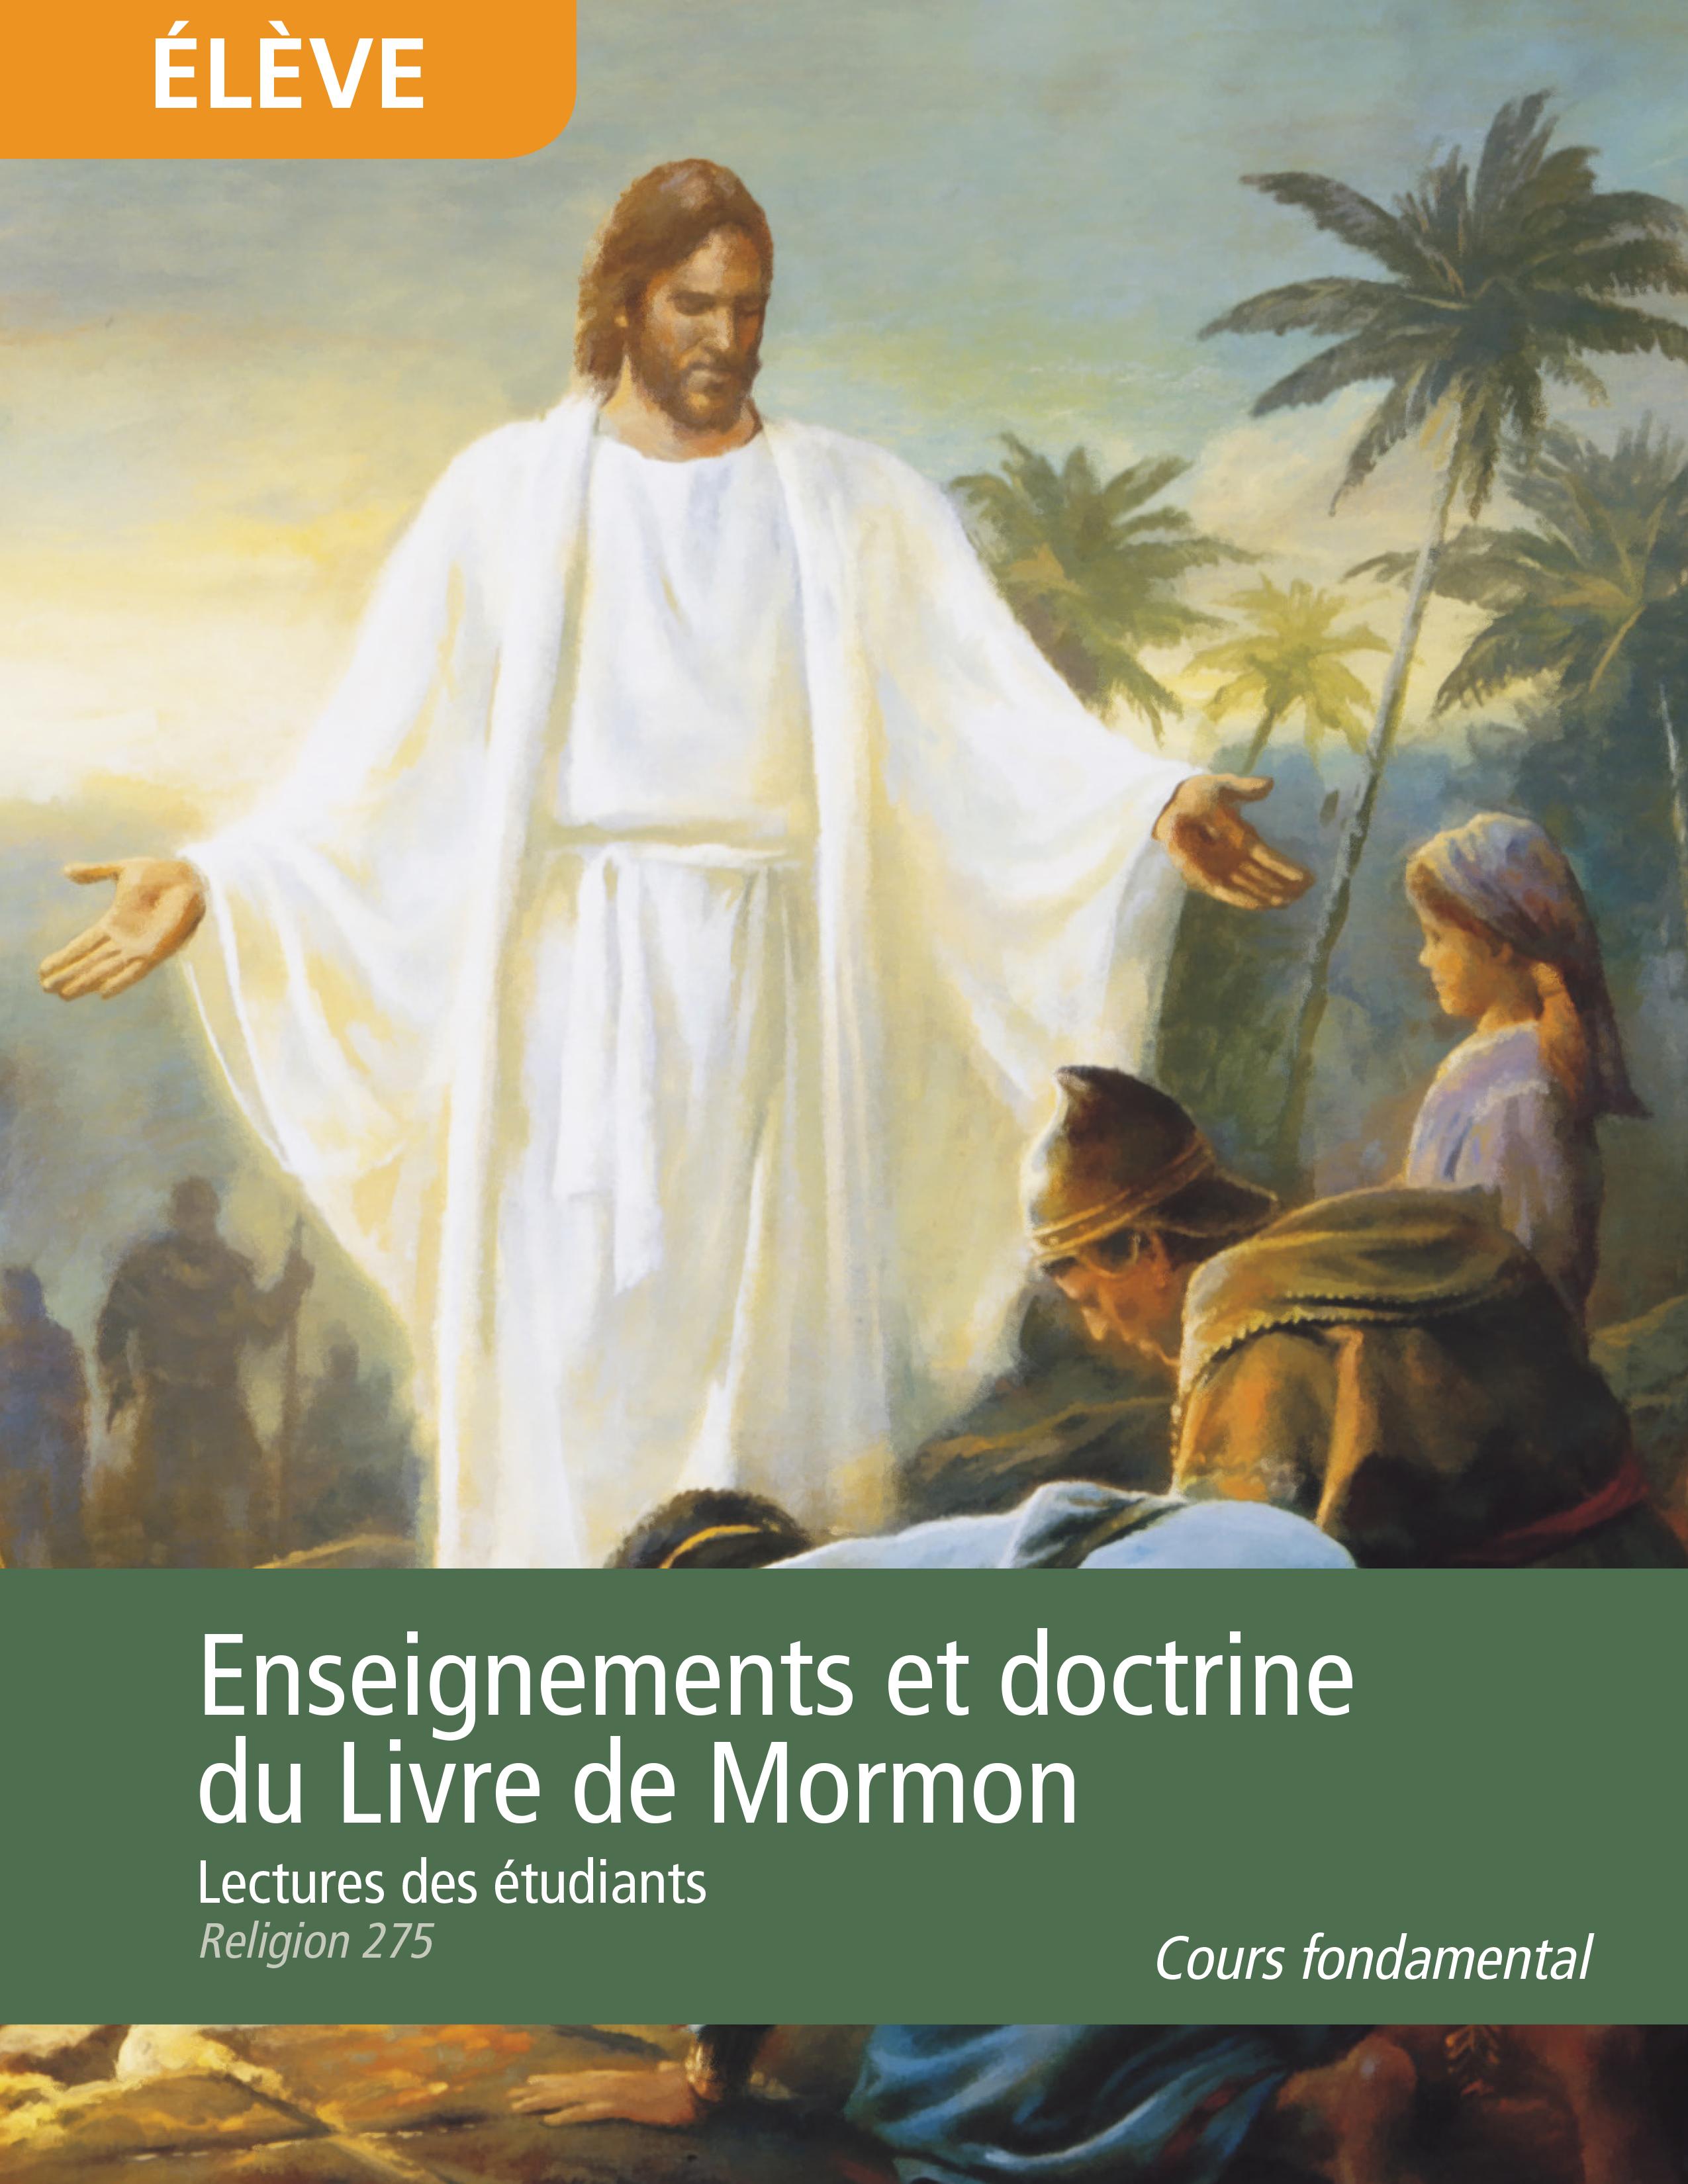 Enseignements et doctrine du Livre de Mormon, lectures des étudiants (Religion 275)